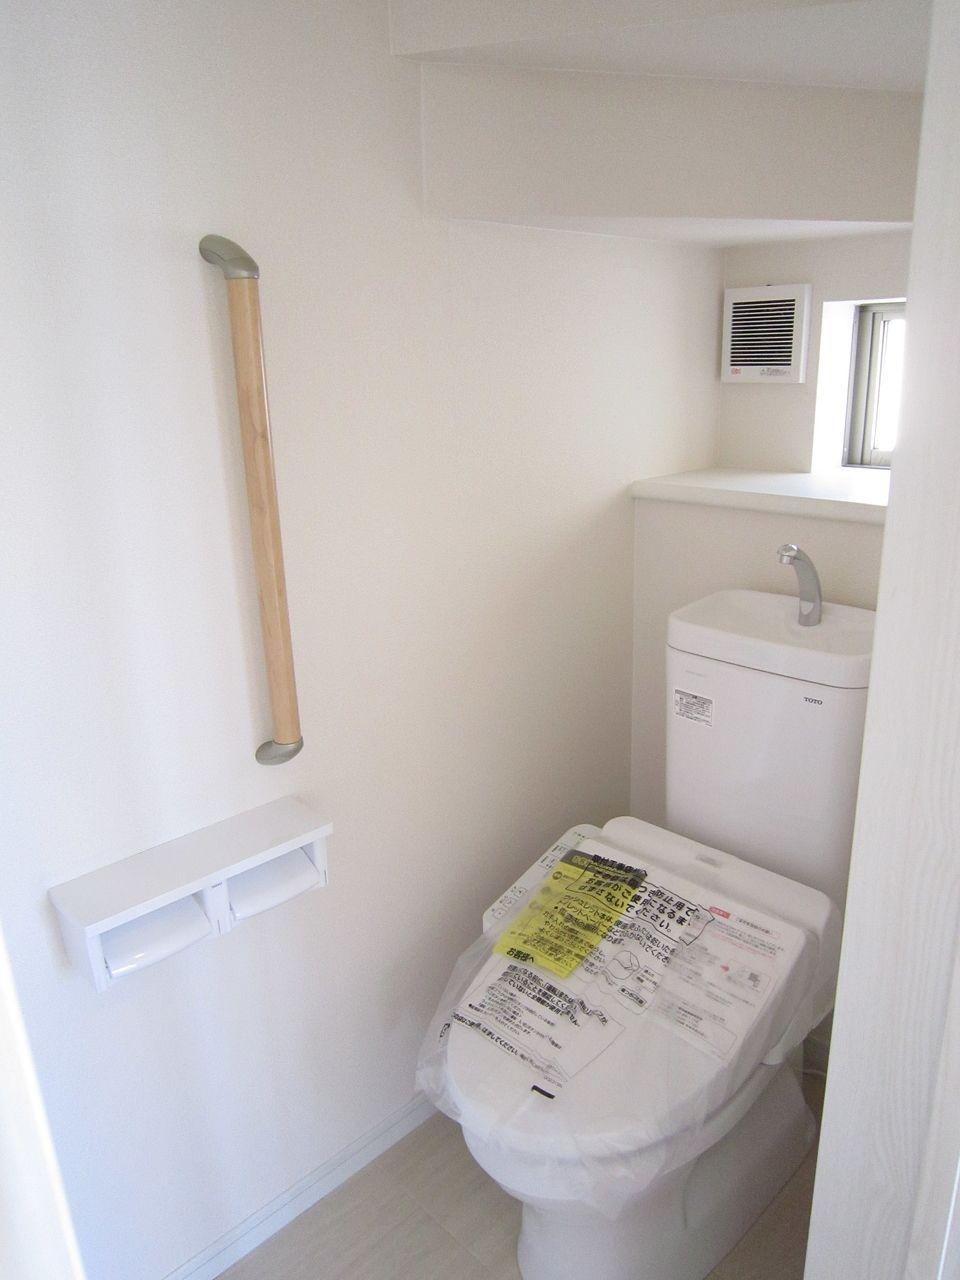 ウォシュレット付きの最新トイレ